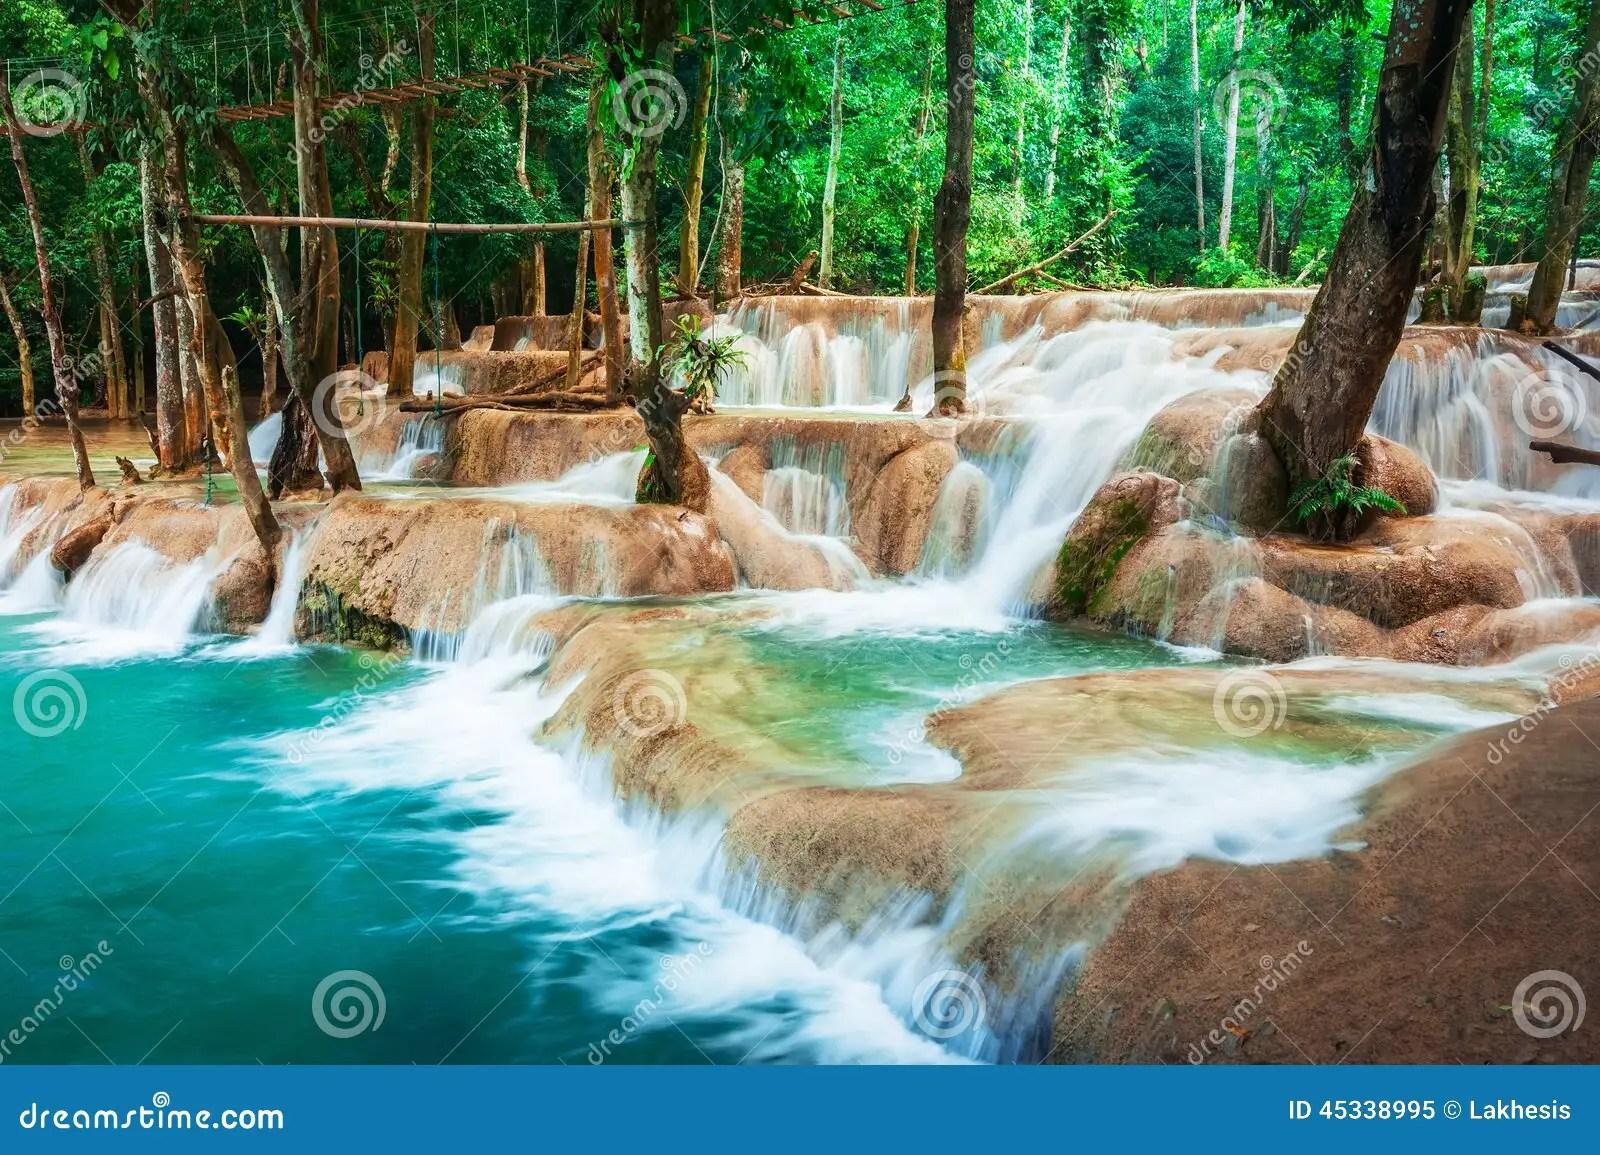 Kuang Si Falls Hd Wallpaper For 234 T Tropicale Tropicale Avec La Cascade De Cascade De